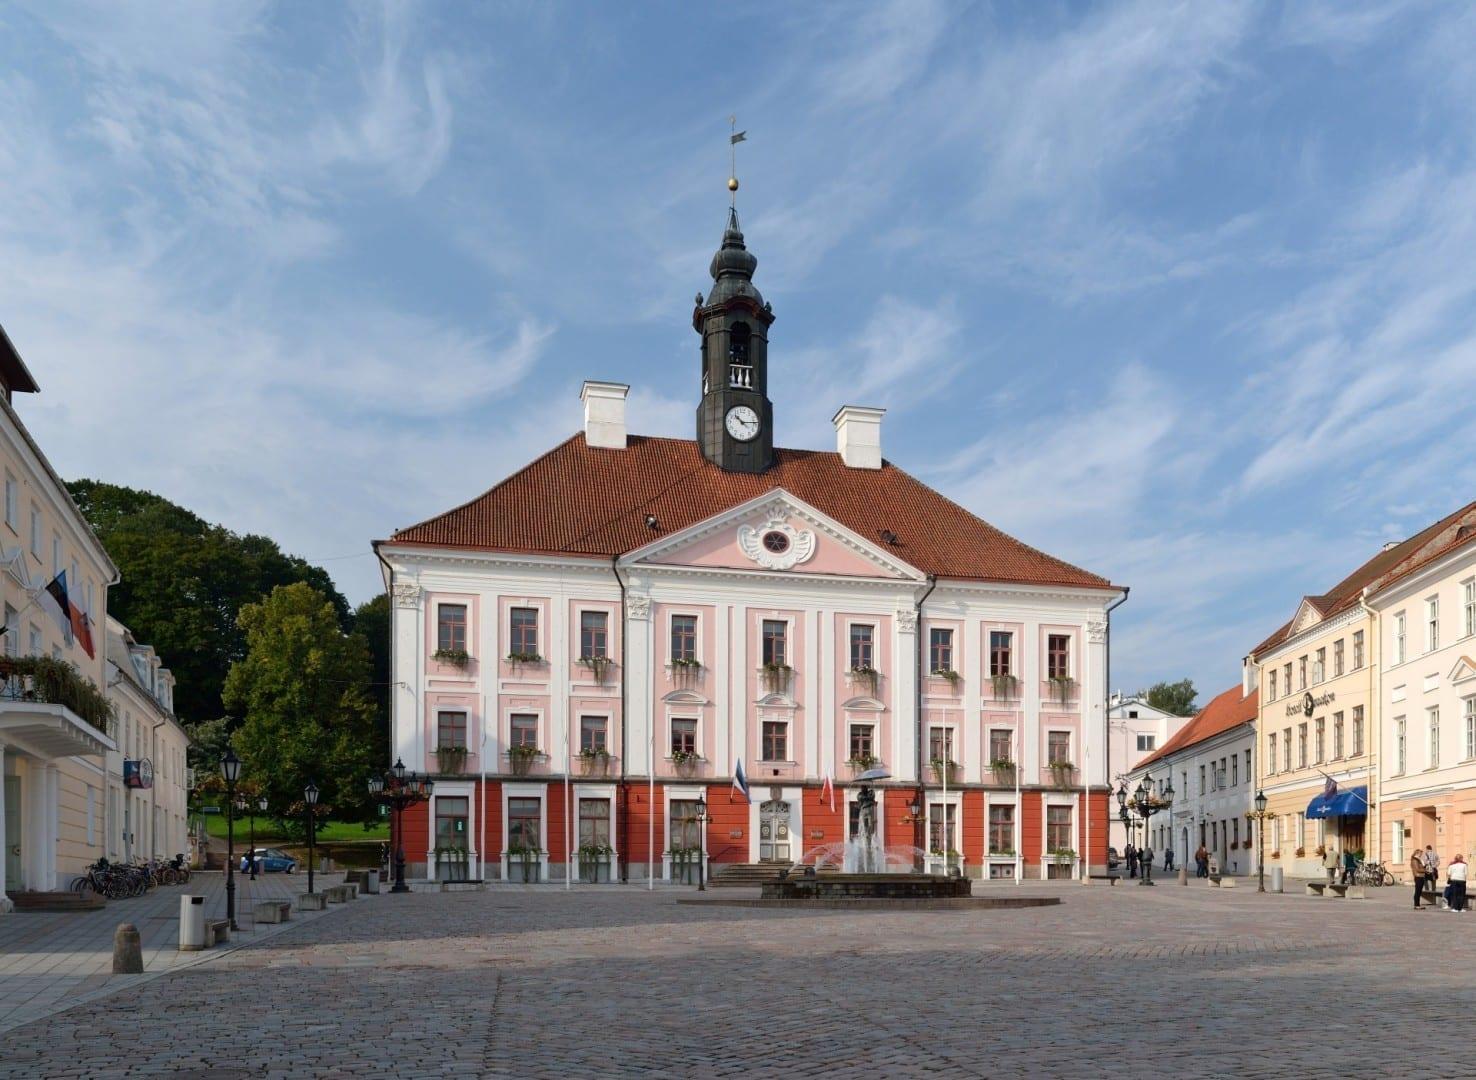 Ayuntamiento de Tartu, donde se encuentra el Centro de Información Turística. Tartu Estonia